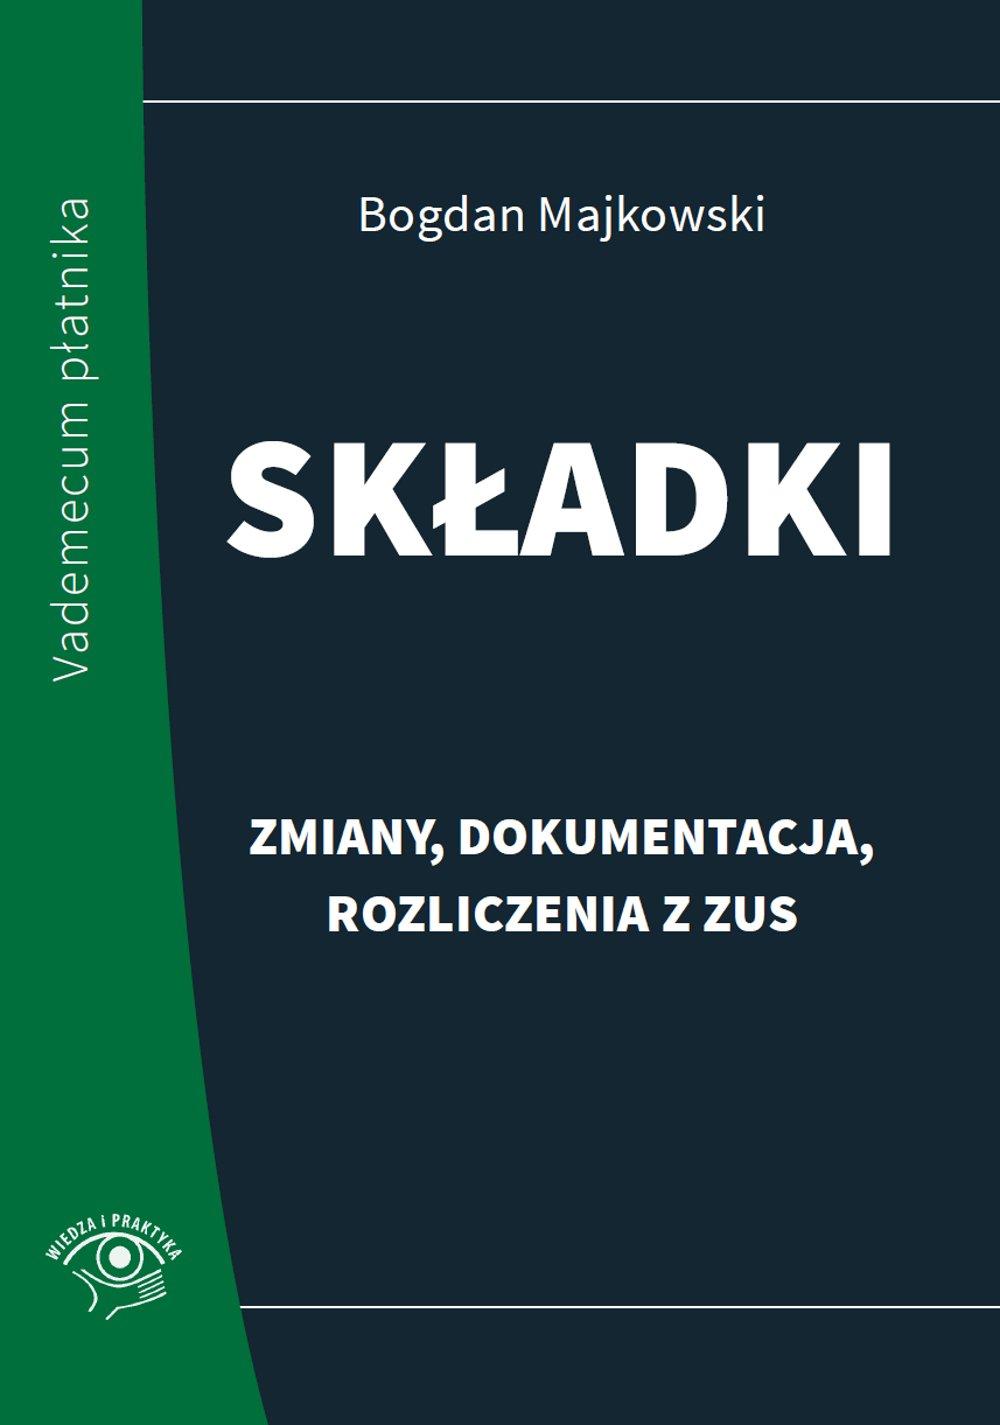 Składki - zmiany, dokumentacja, rozliczenia z ZUS - Ebook (Książka na Kindle) do pobrania w formacie MOBI